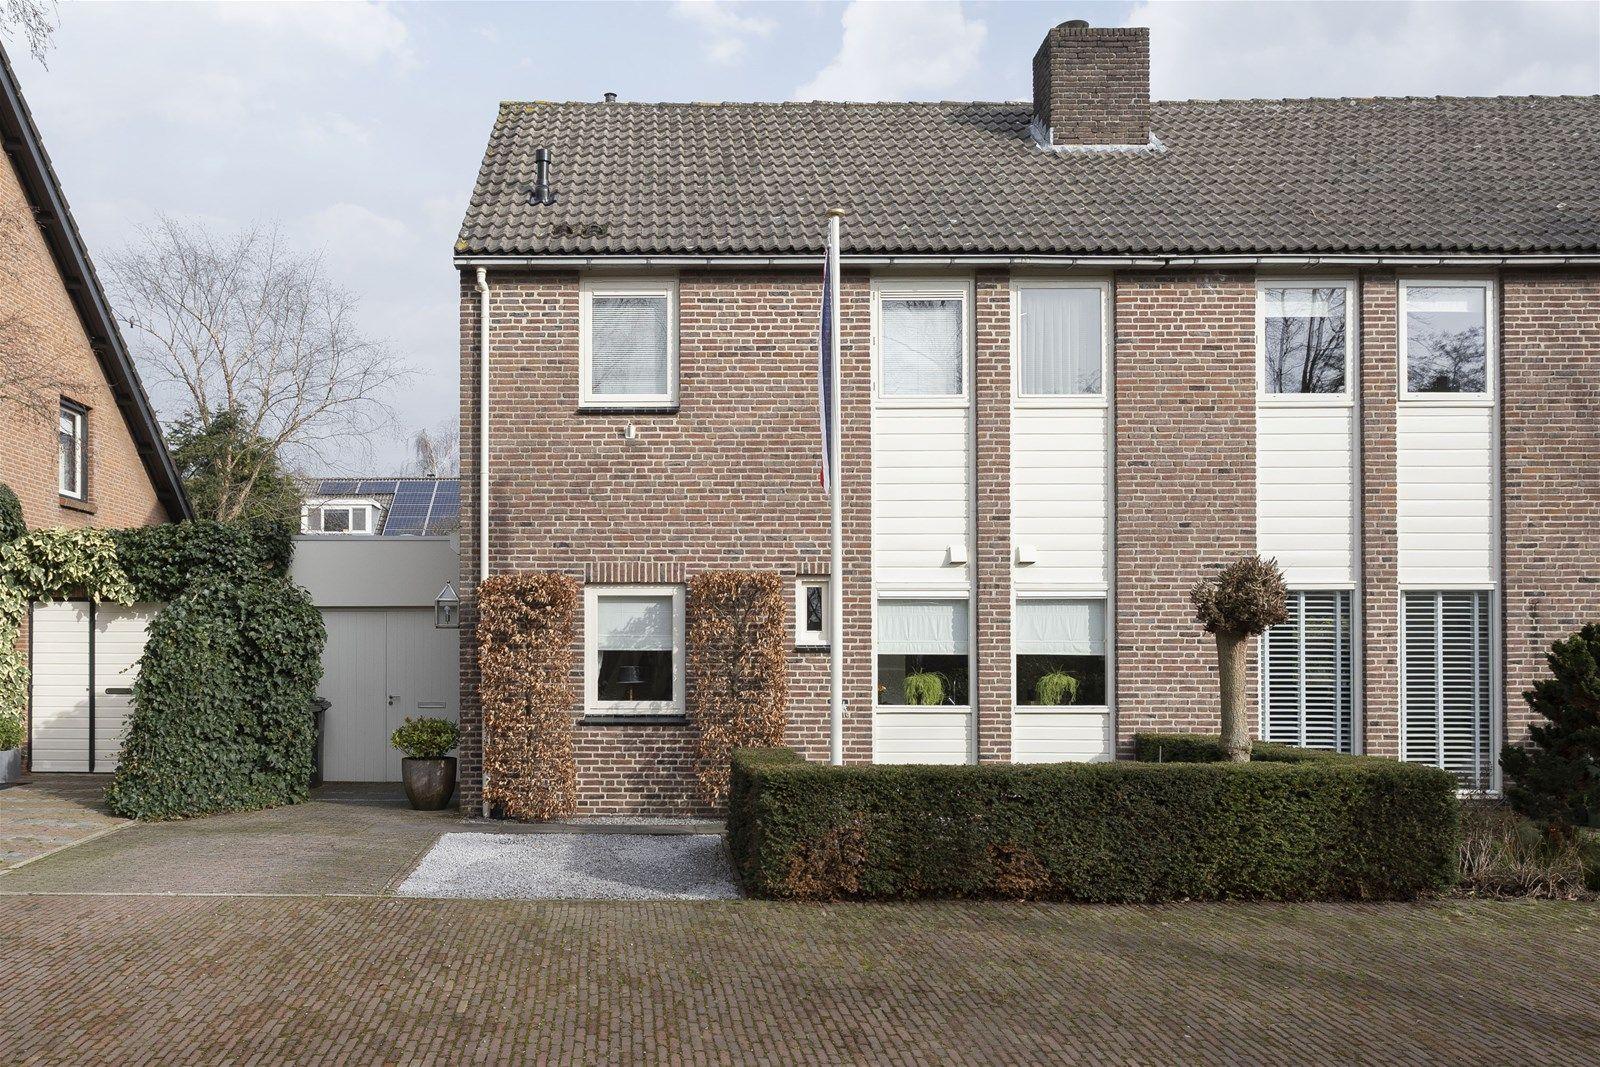 Tweede Hervendreef 20, 's-hertogenbosch